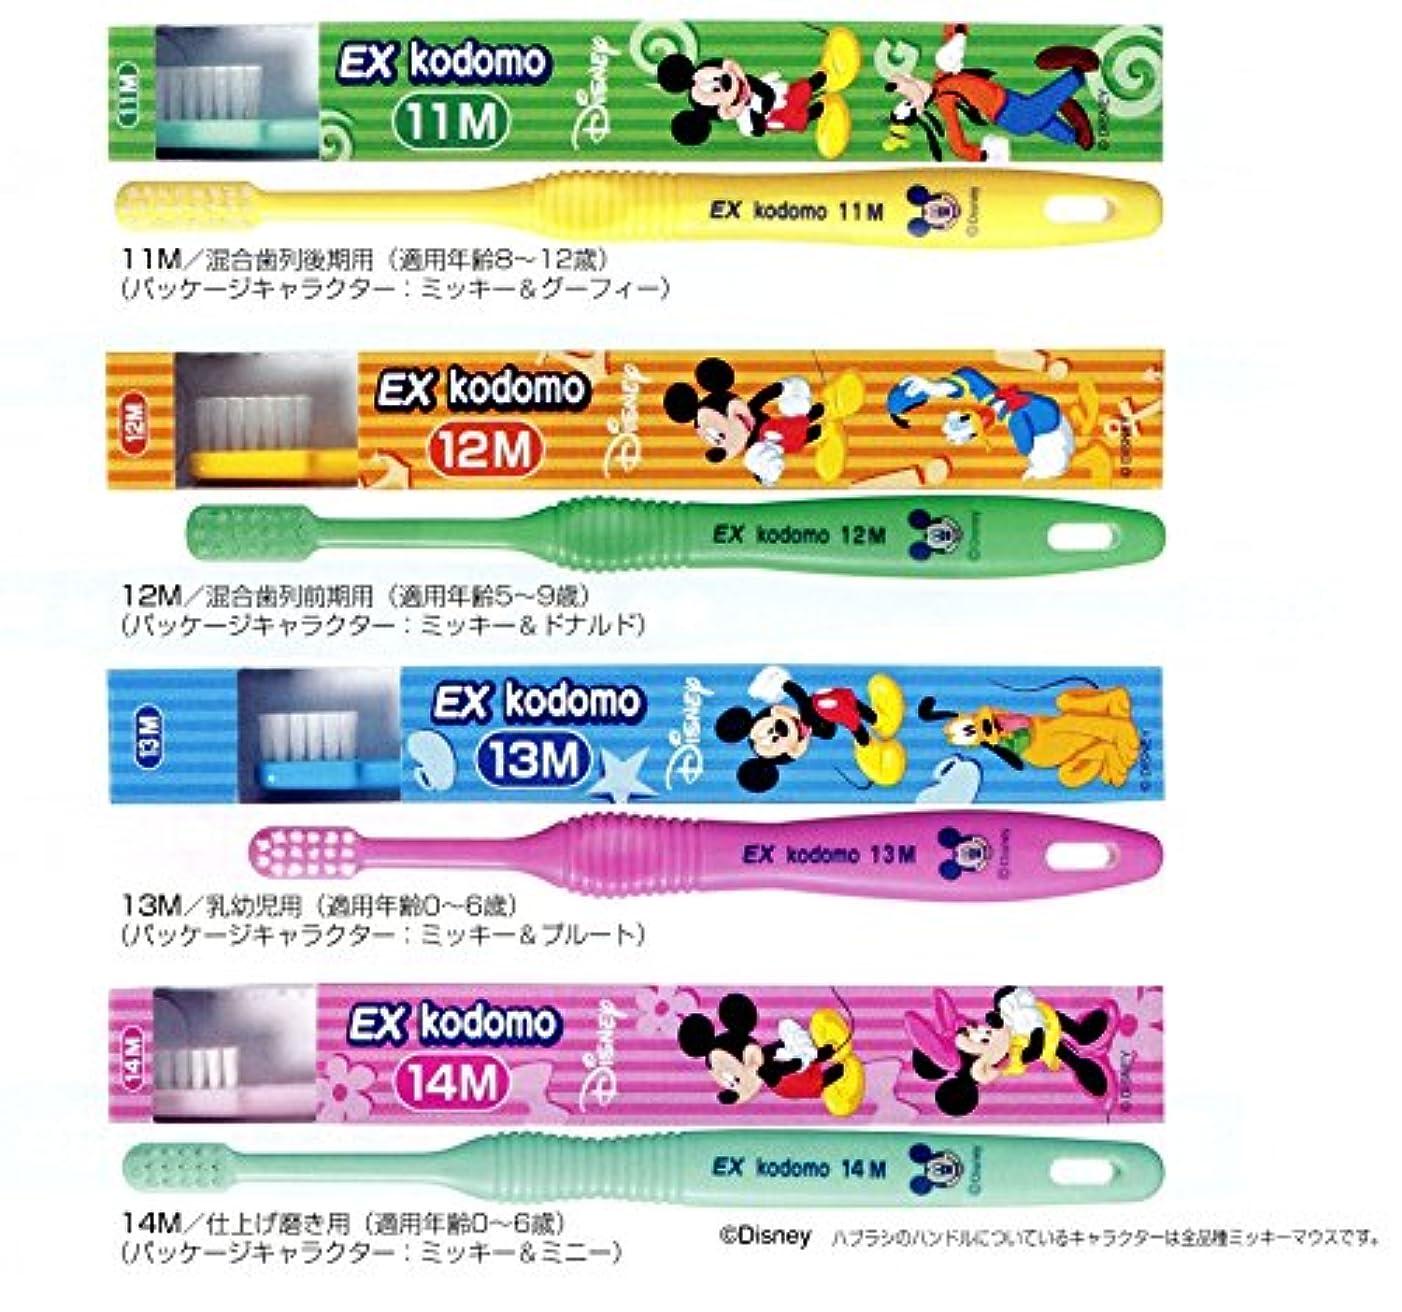 お勧め着服解読するライオン コドモ ディズニー DENT.EX kodomo Disney 1本 12M ピンク (5?9歳)